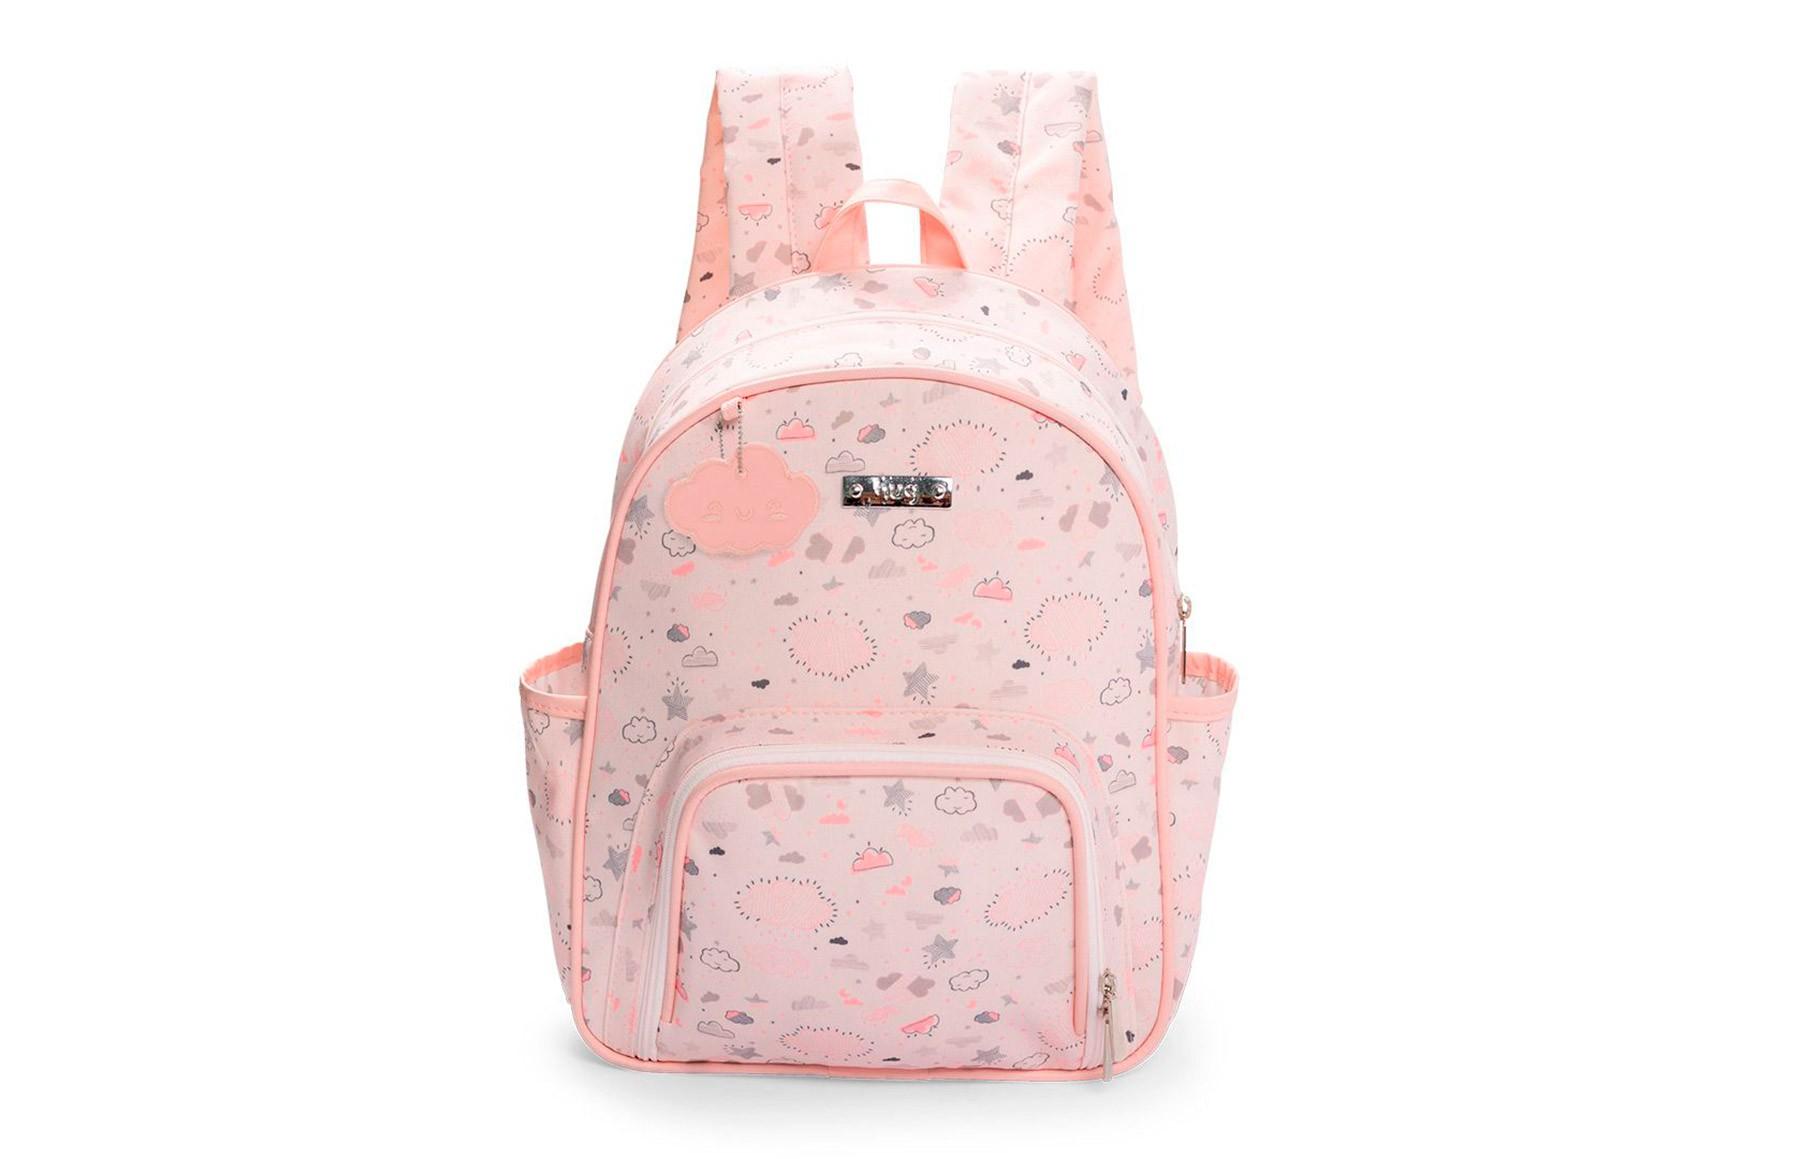 Kit de bolsas 2 peças linha Névoa cor rosa